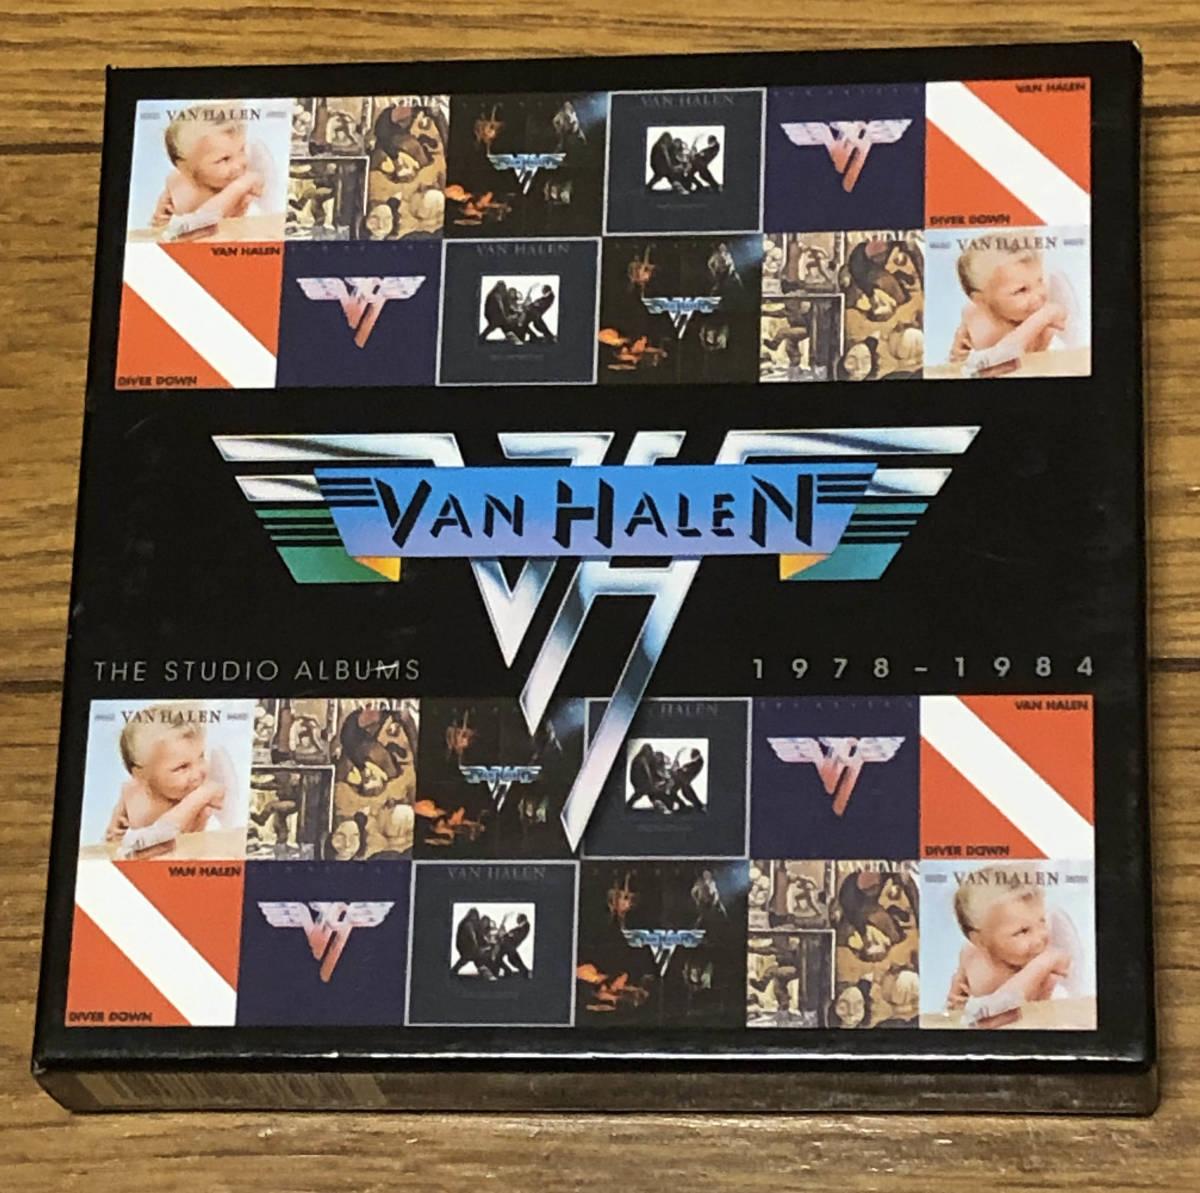 ヴァン・ヘイレン(VAN HALEN)「THE STUDIO ALBUMS 1978-1984」CD6枚組 紙ジャケBOX仕様輸入盤美品 送料無料